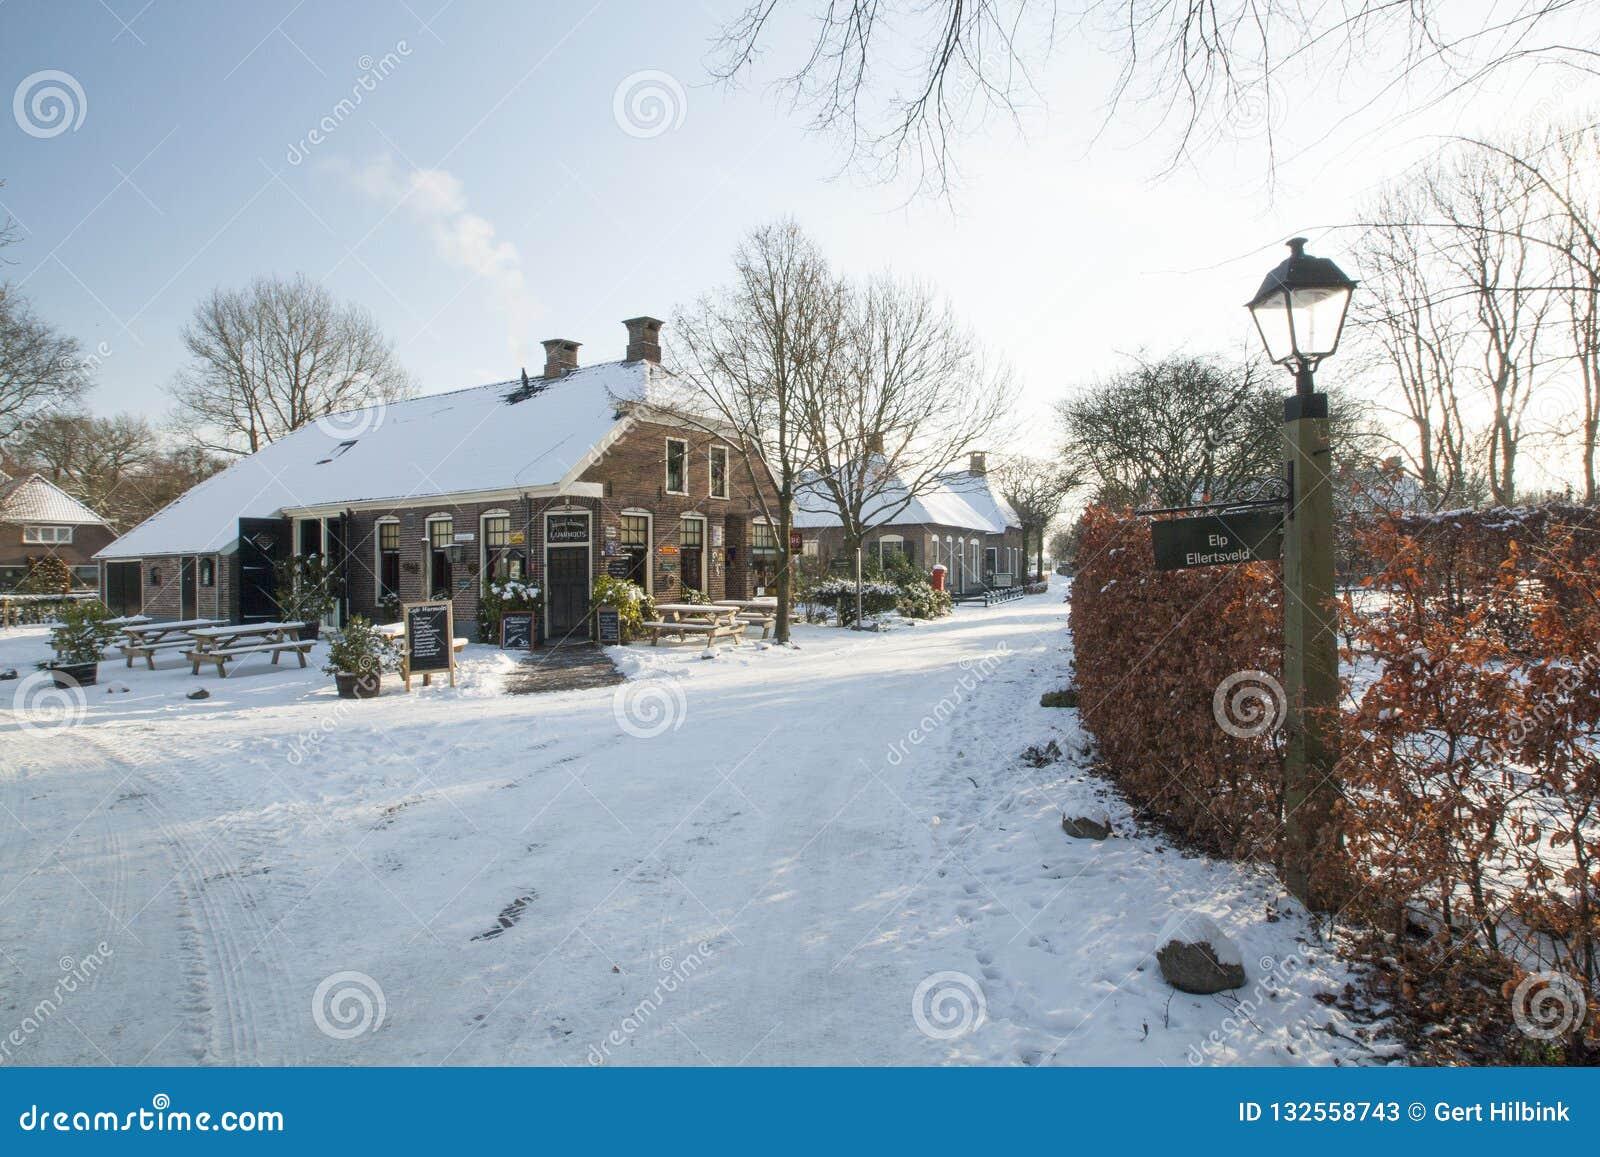 Nederland, landschappen en molens in wintertijd